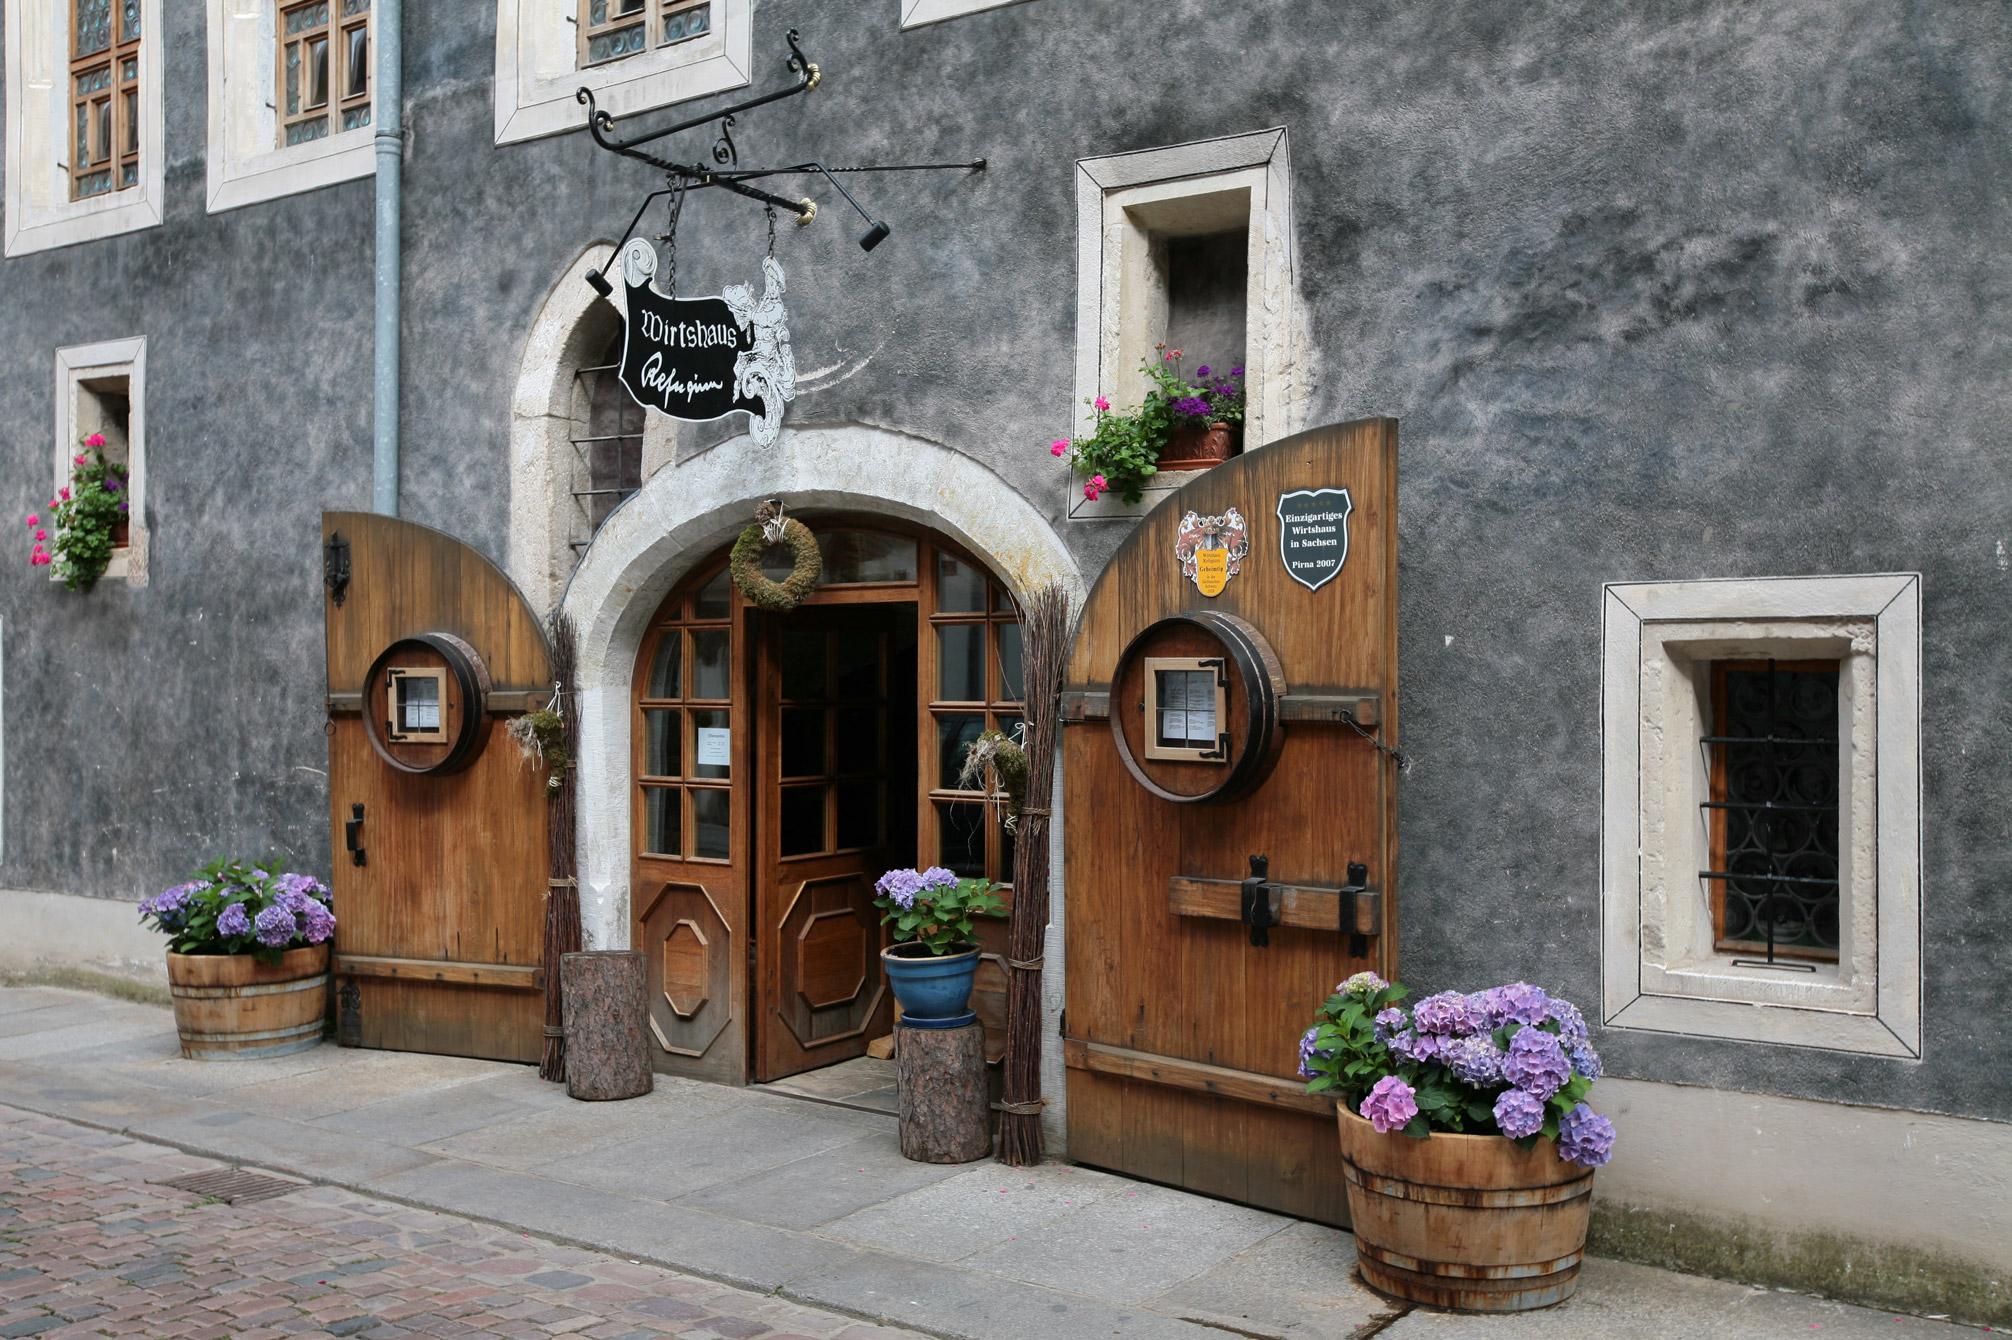 Pirna | La Maisonette in Pirna